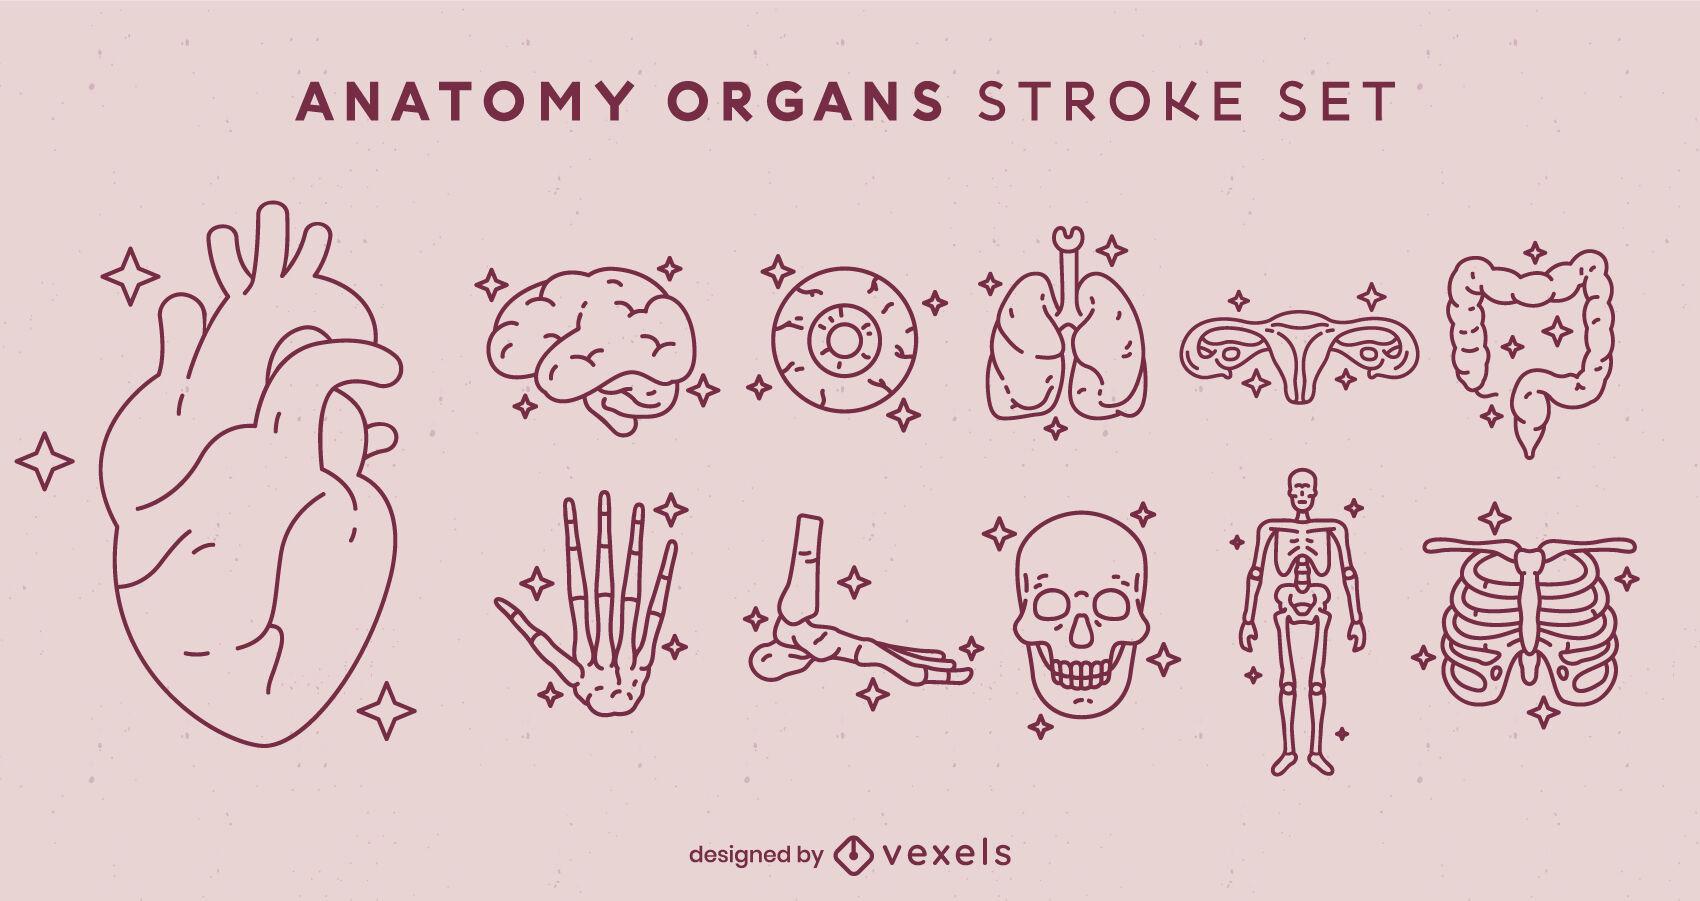 Anatomy elements stroke set